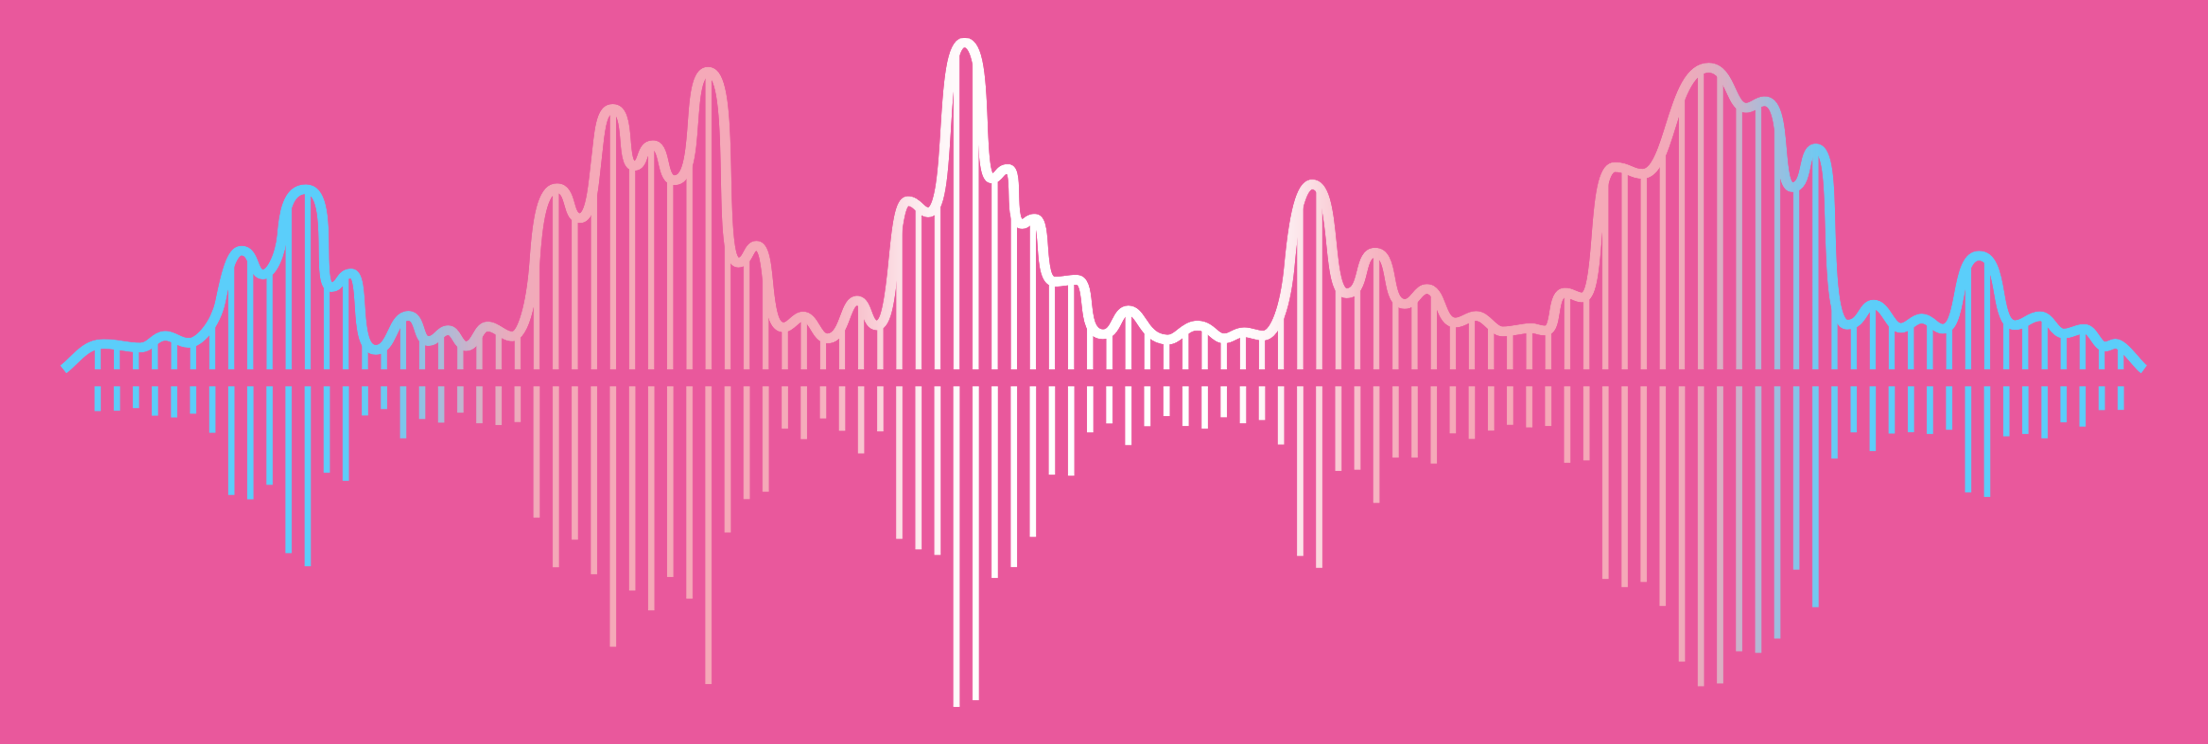 trans voice